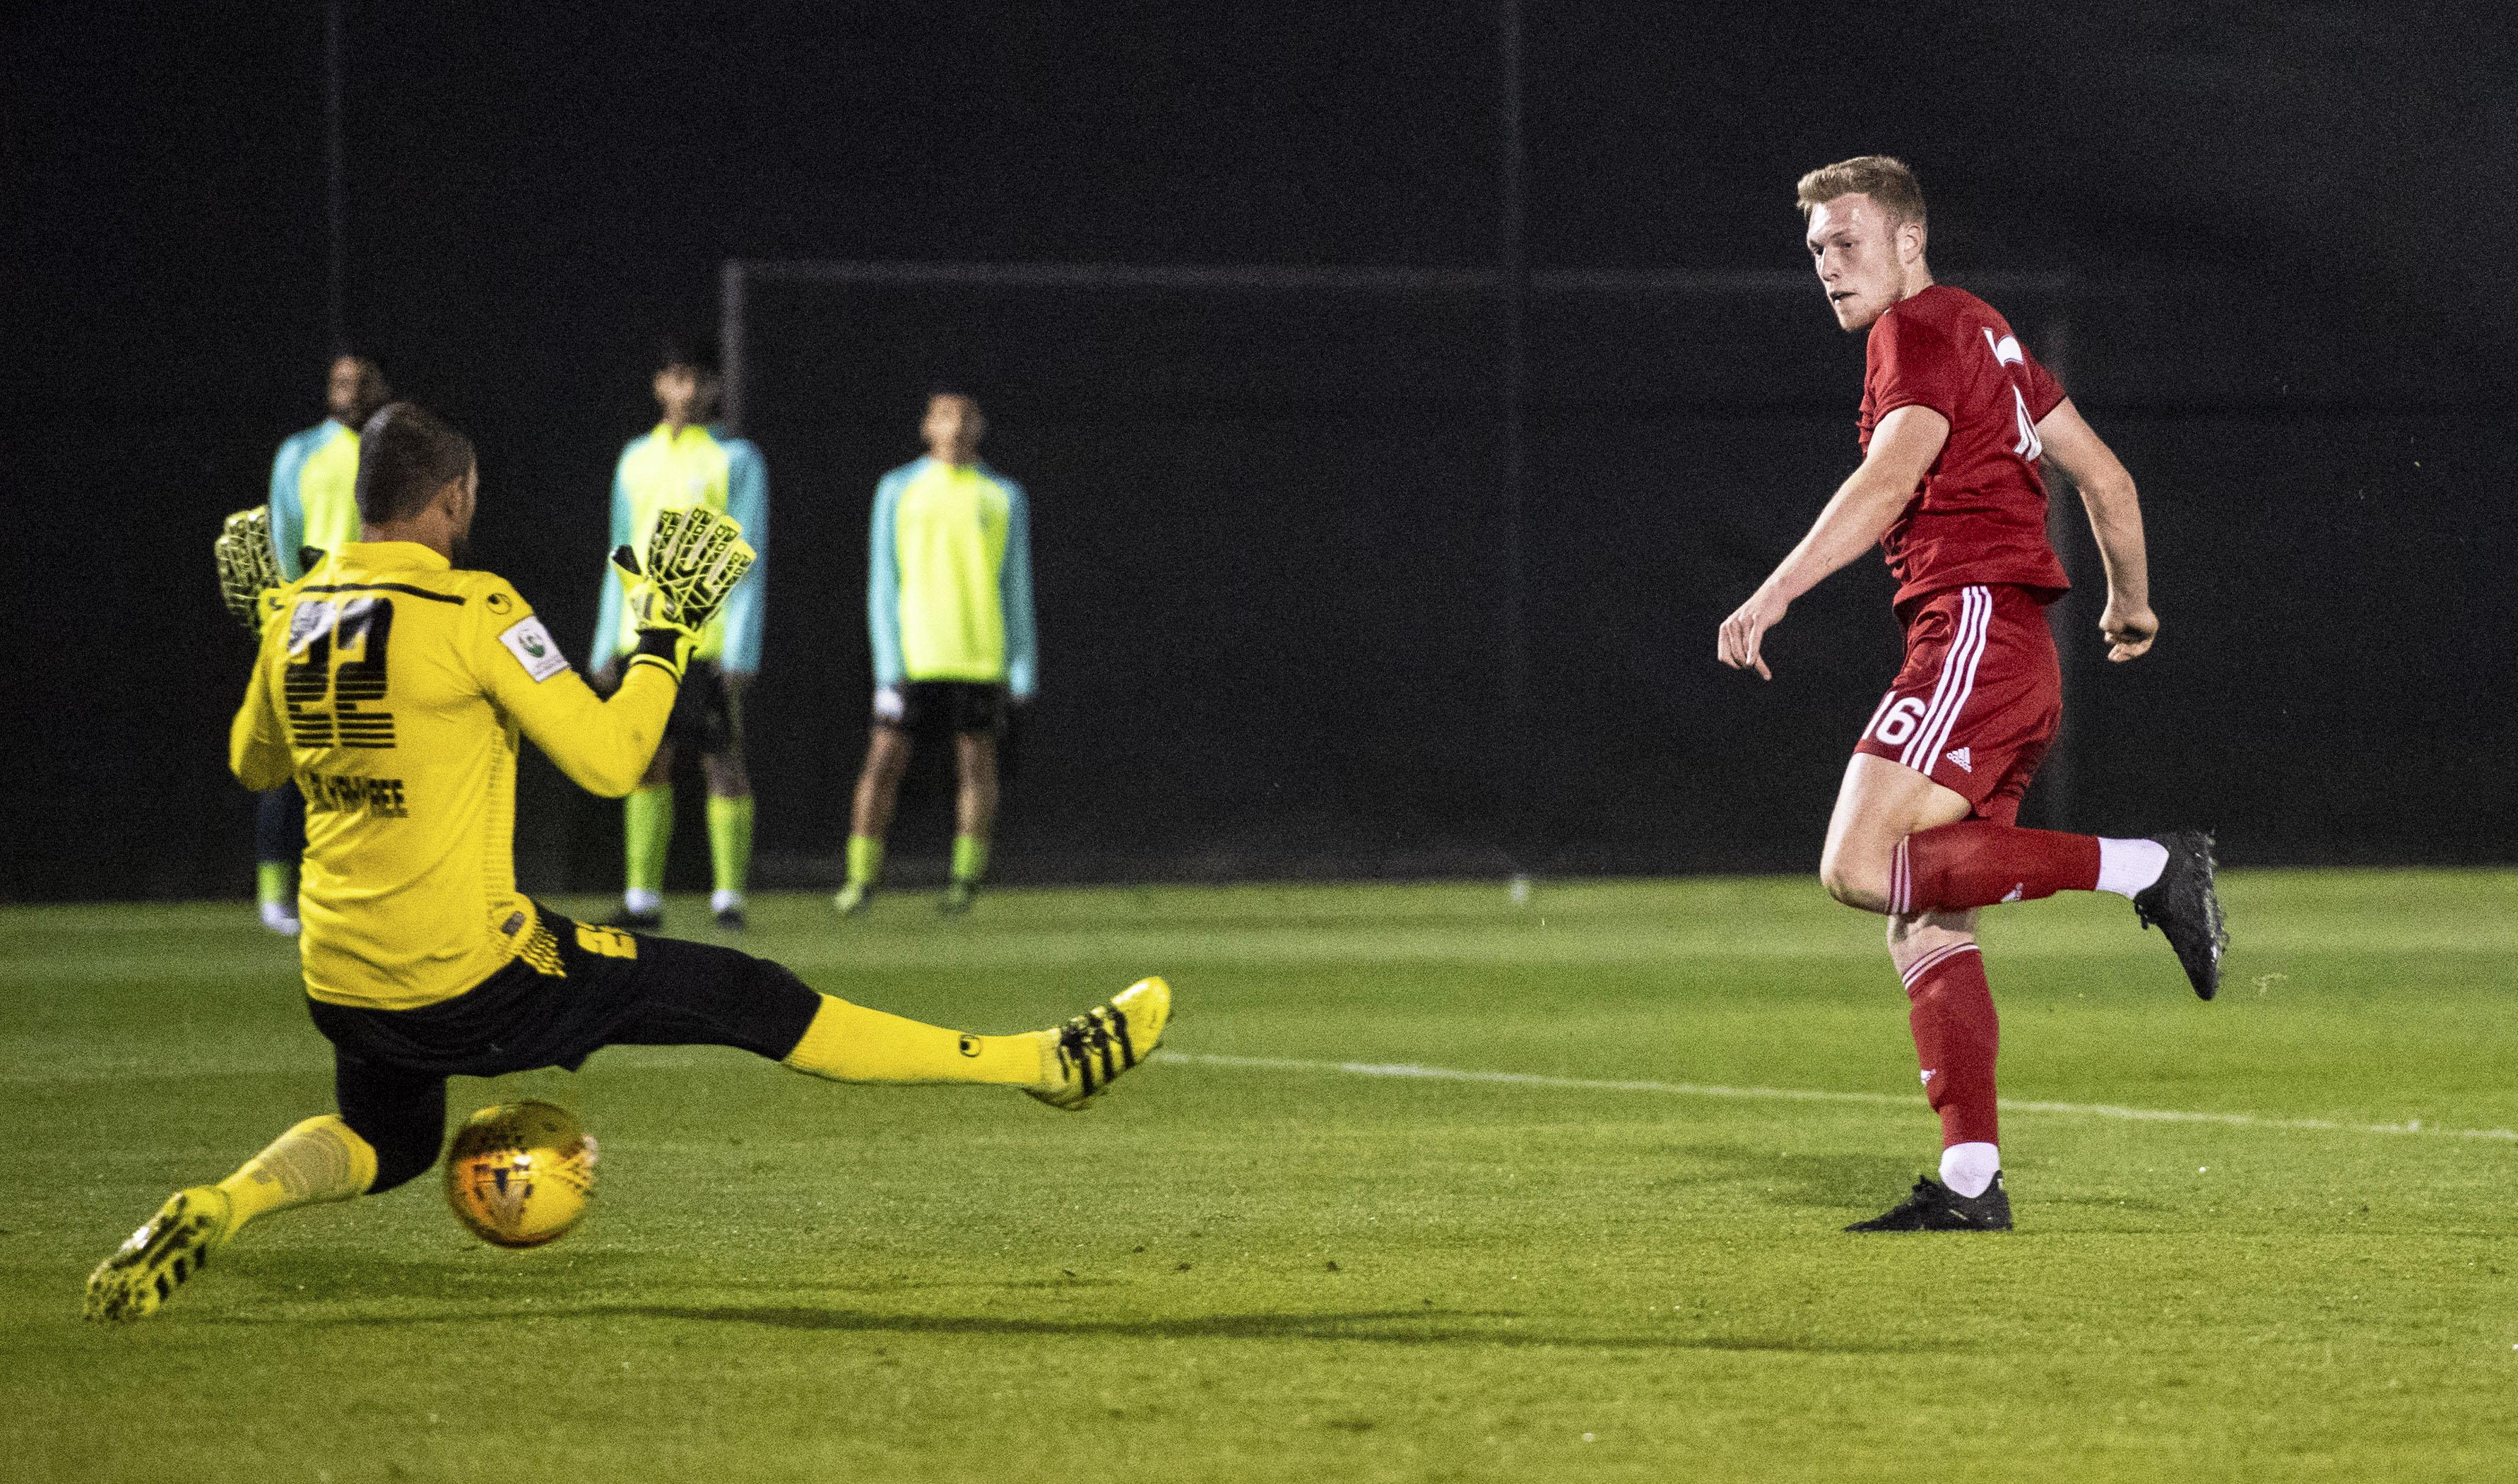 Sam Cosgrove scores to make it 1-0 Aberdeen against FC Dibba Al Hisn in Dubai.